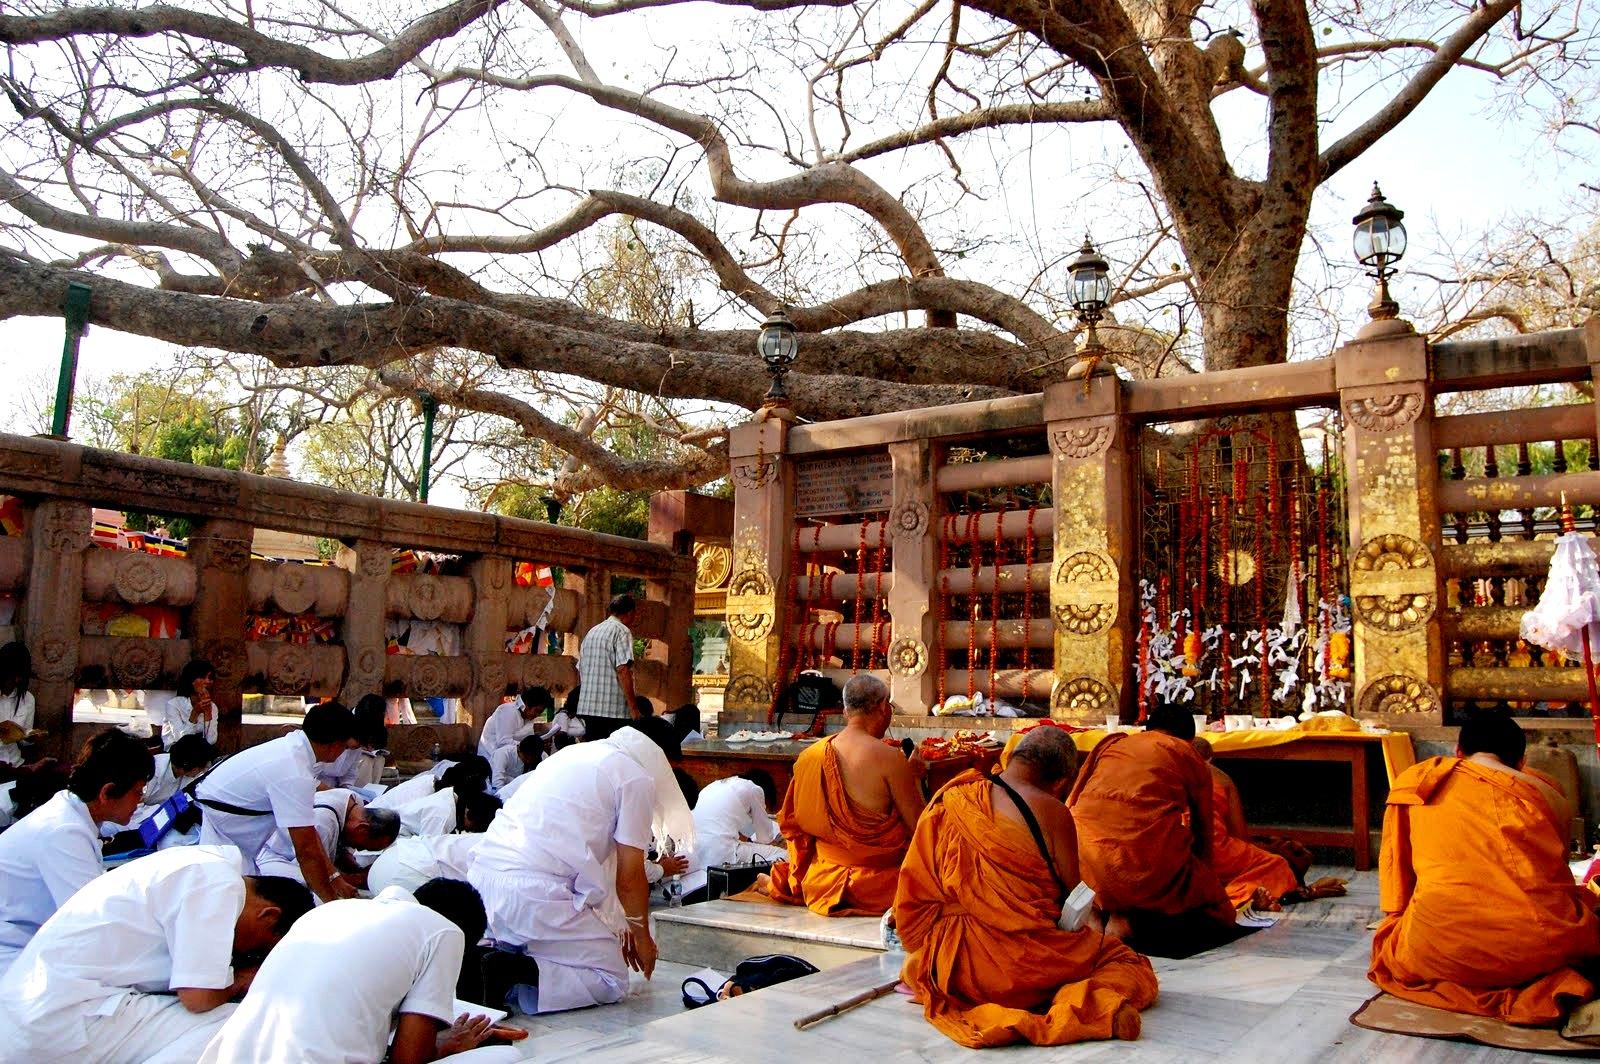 молитвы у дерева бодхи